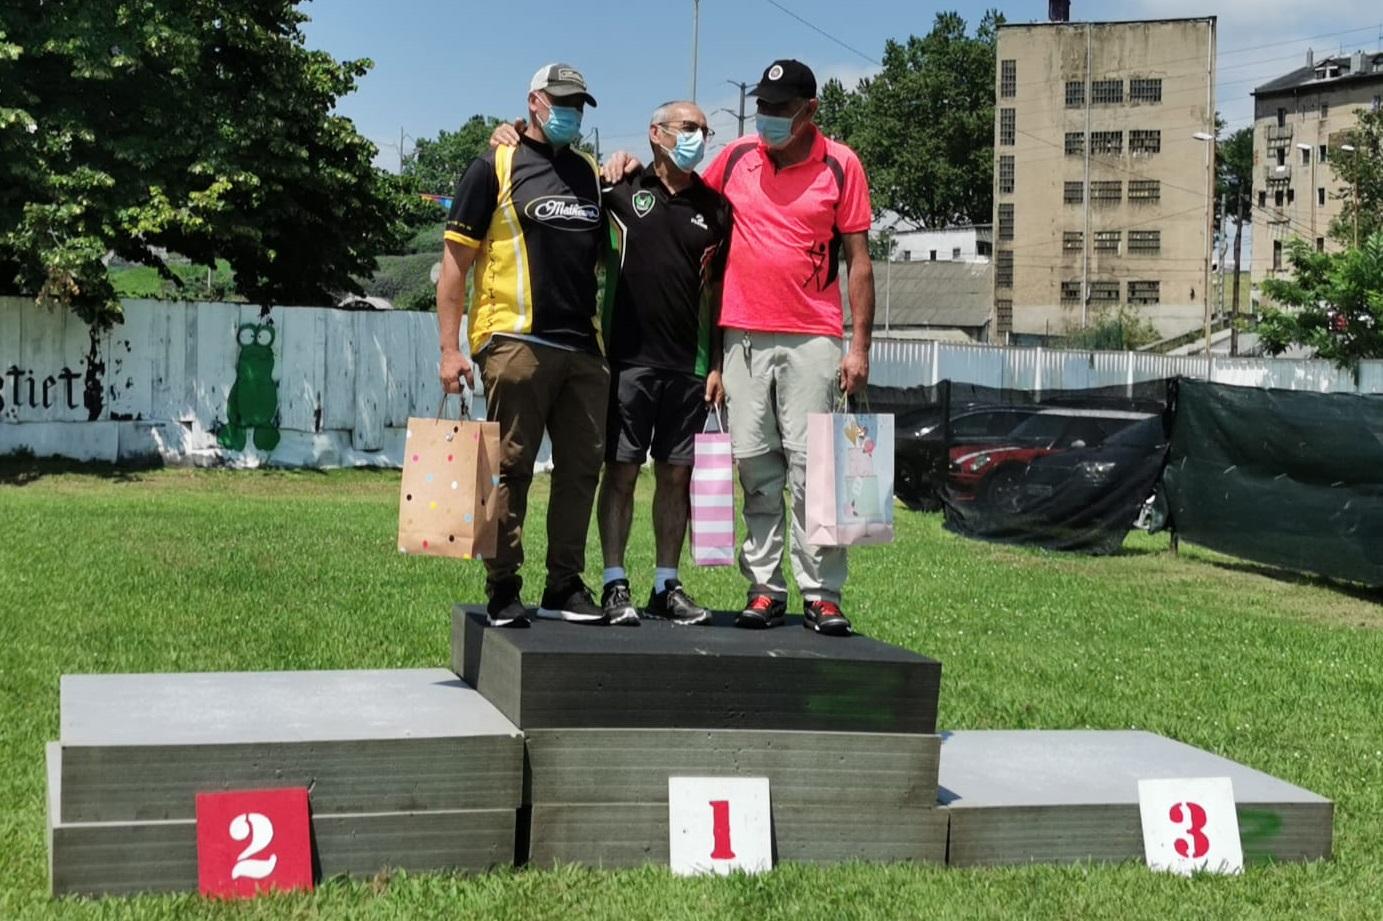 Campeonato de Bizkaia de Tiro con Arco(10/07/2021)